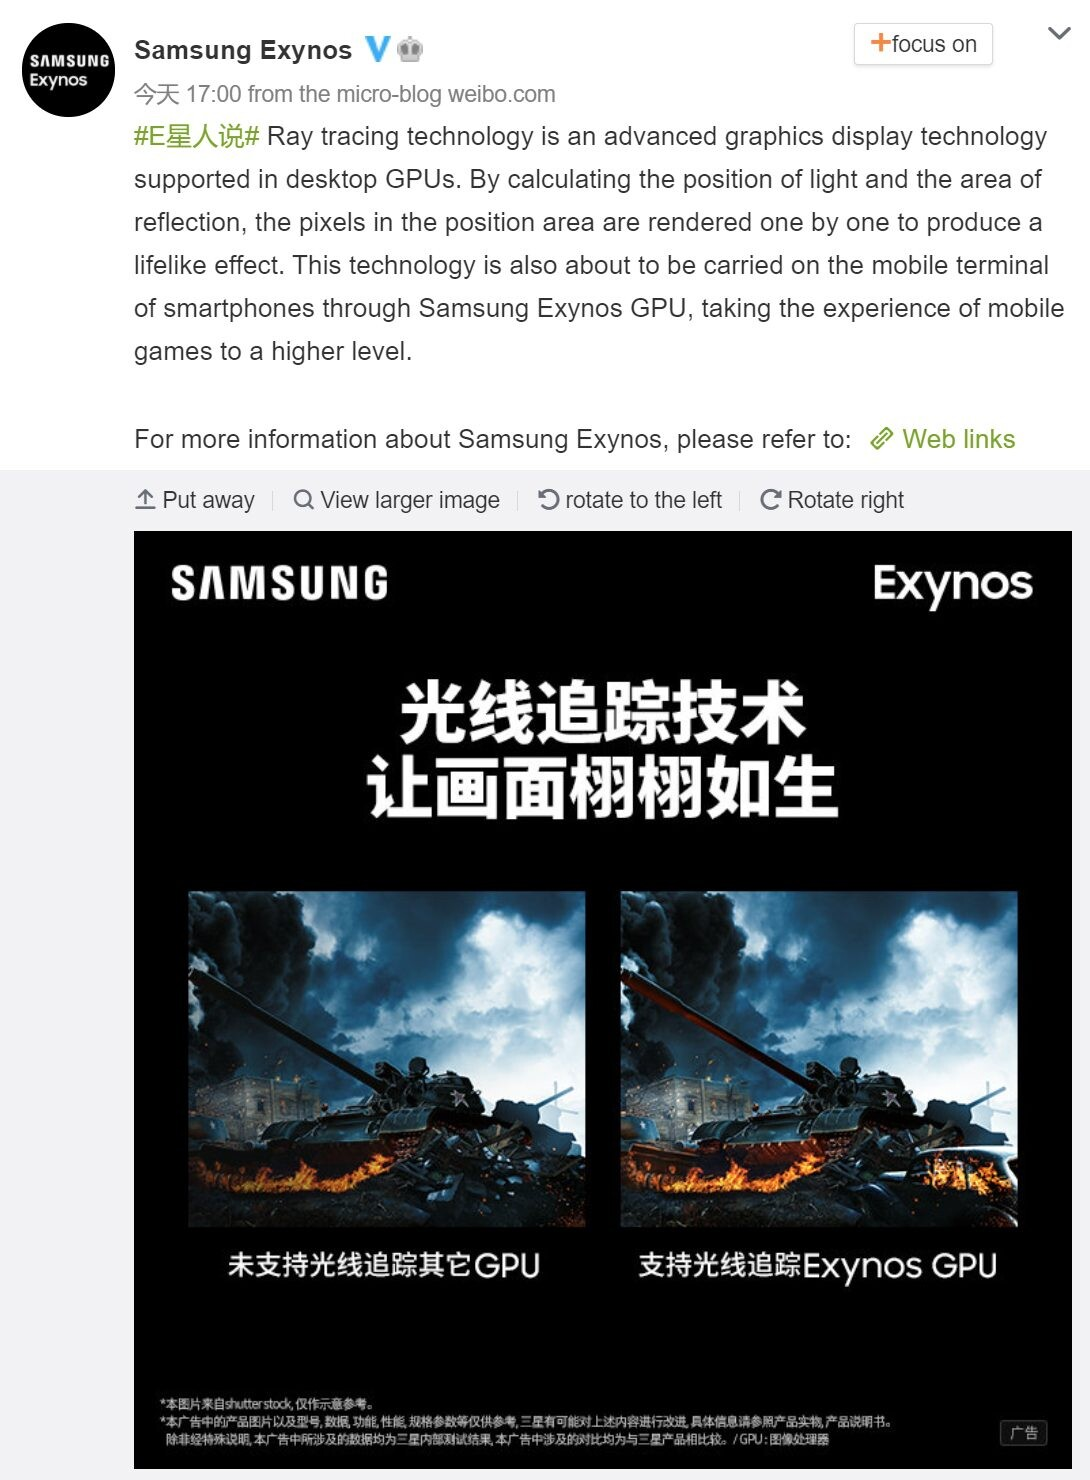 پشتیبانی چیپست Exynos 2200 از تکنولوژی ریترسینگ تأیید شد